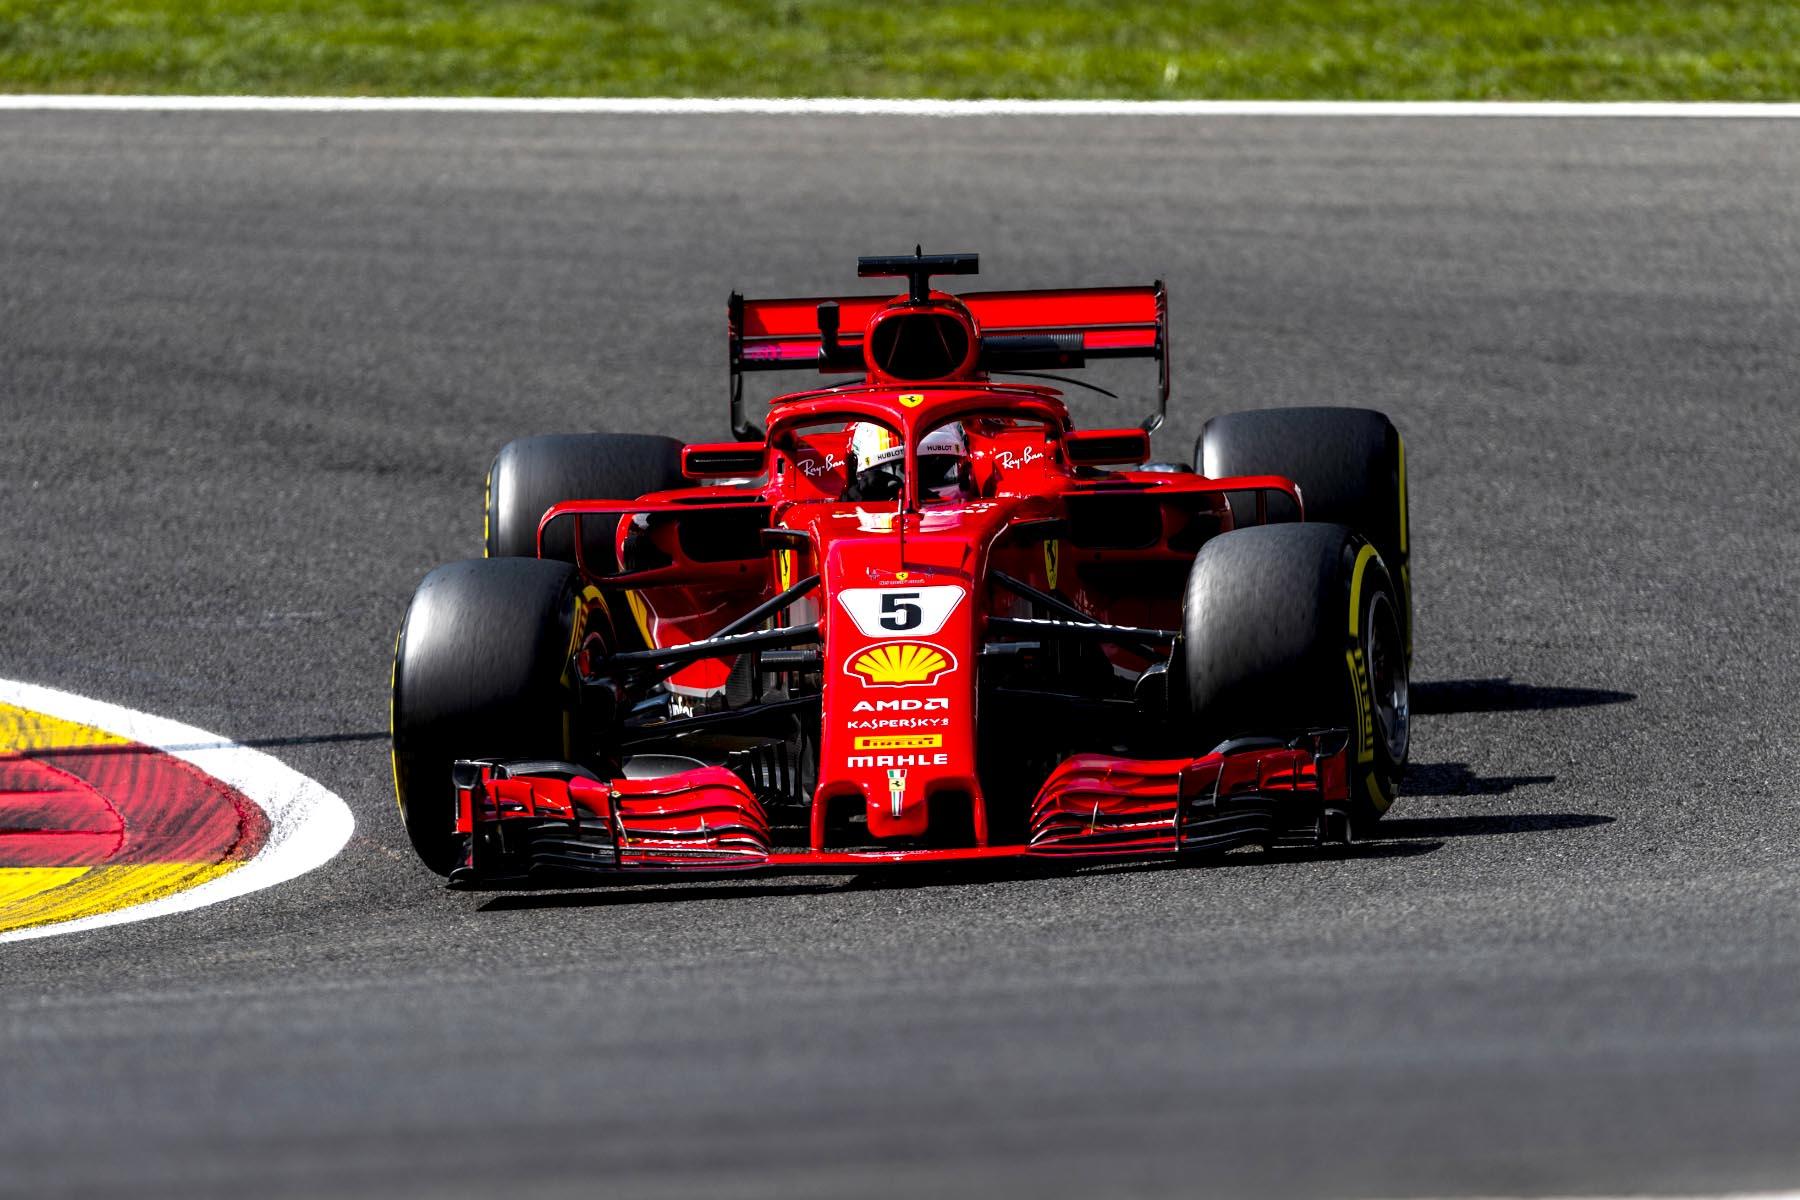 Sebastian Vettel on track at the 2018 Belgian Grand Prix.